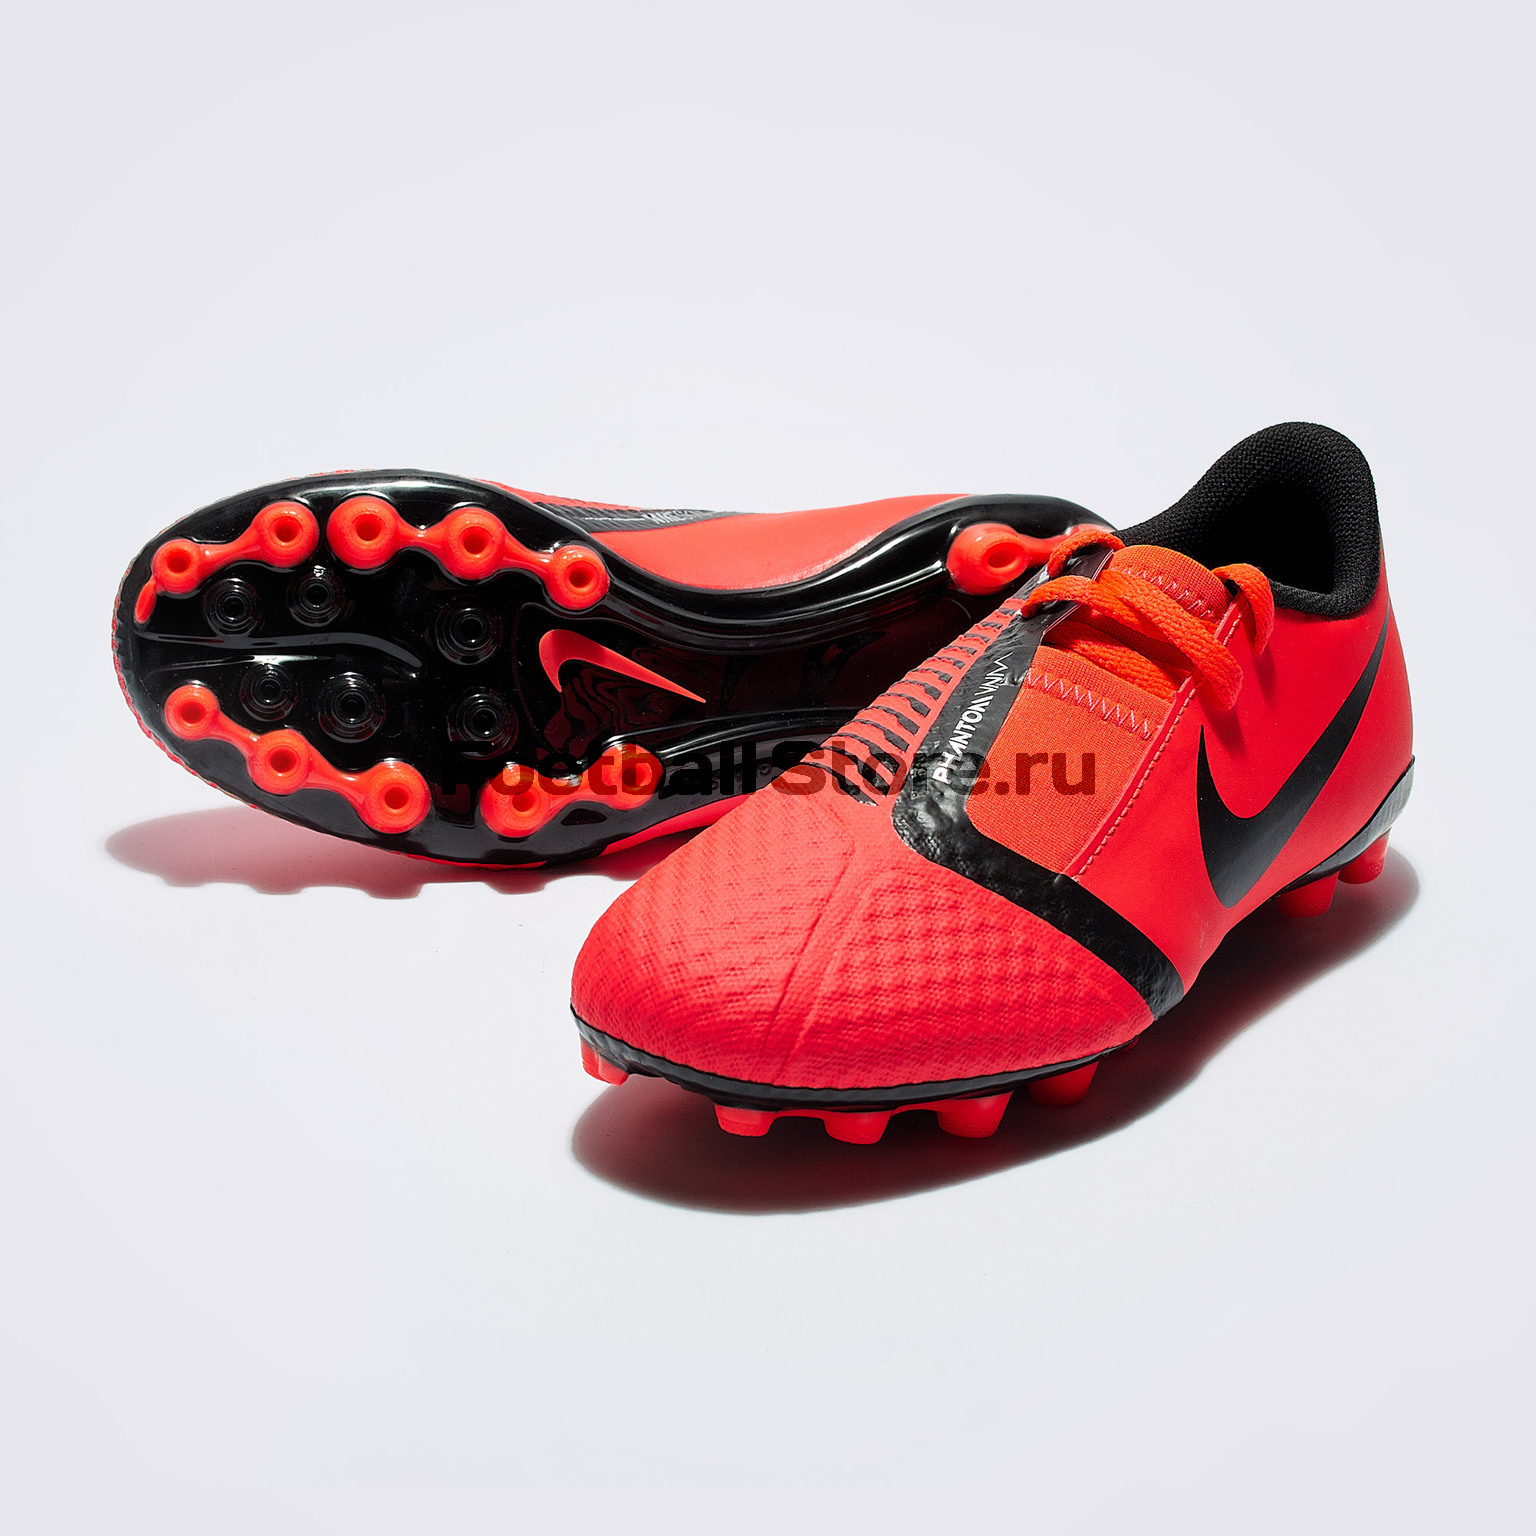 купить Бутсы детские Nike Phantom Venom Academy AG-R AV3037-600 по цене 3199 рублей